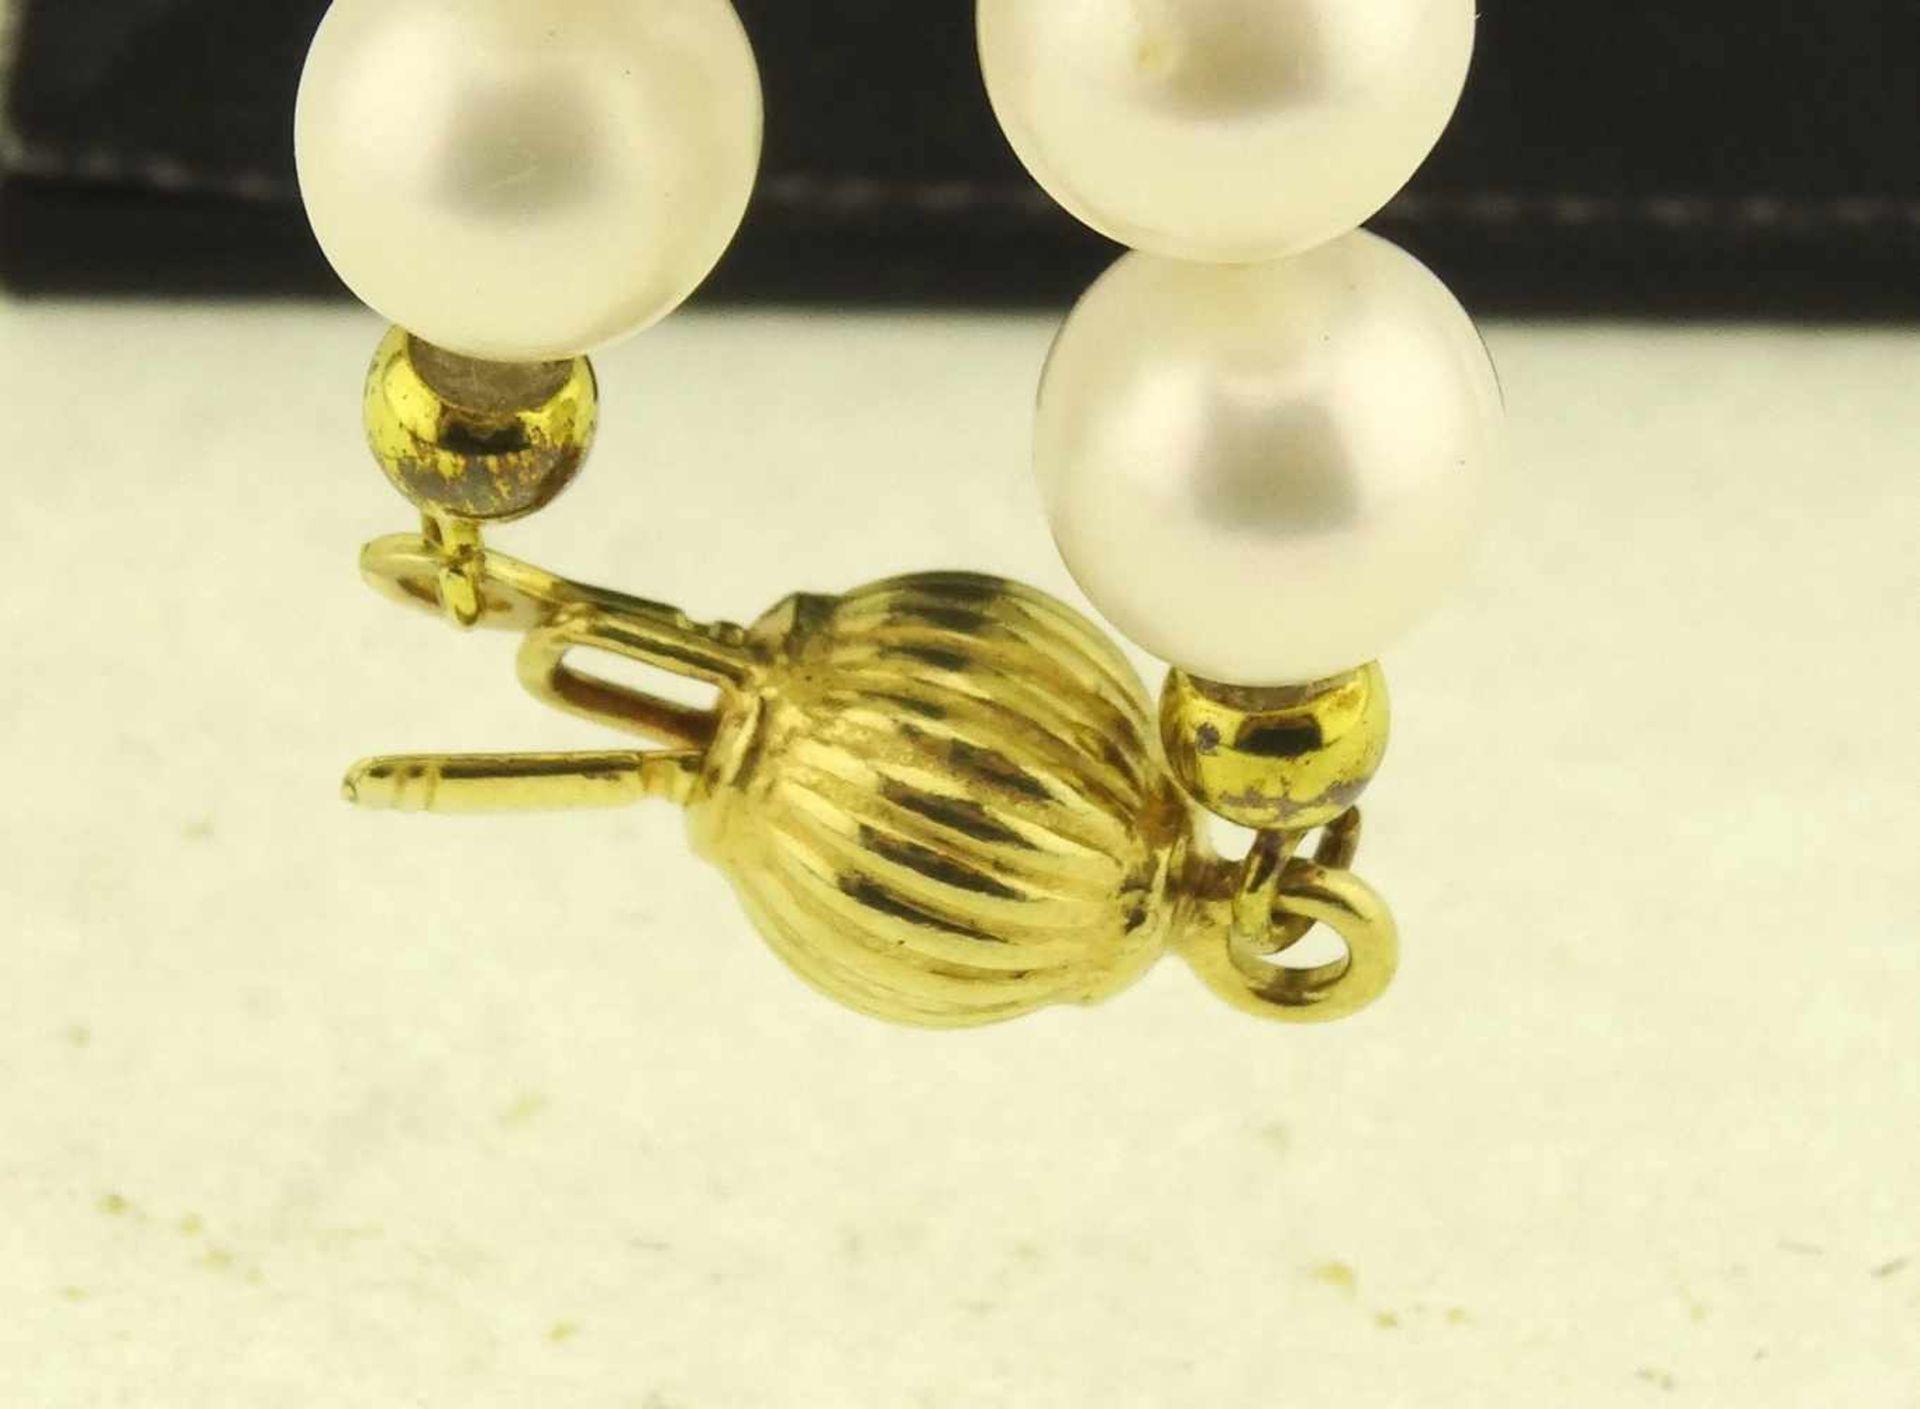 Los 12 - Süßwasser Zuchtperlenkette mit Silberverschluß schöne SWZP-Kette mit 925 Silber, vergoldeter